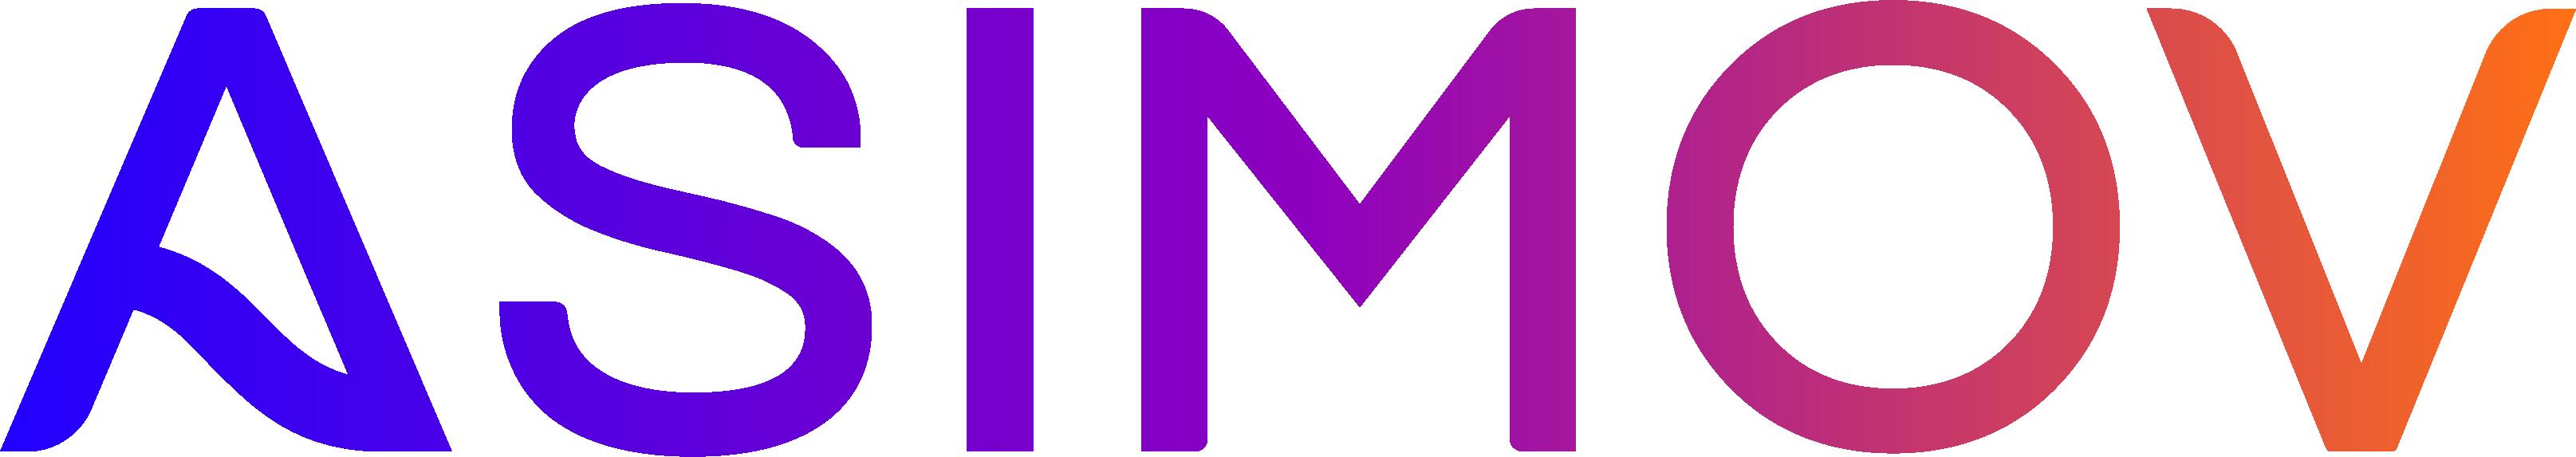 asimov_wordmark_colorful (1)